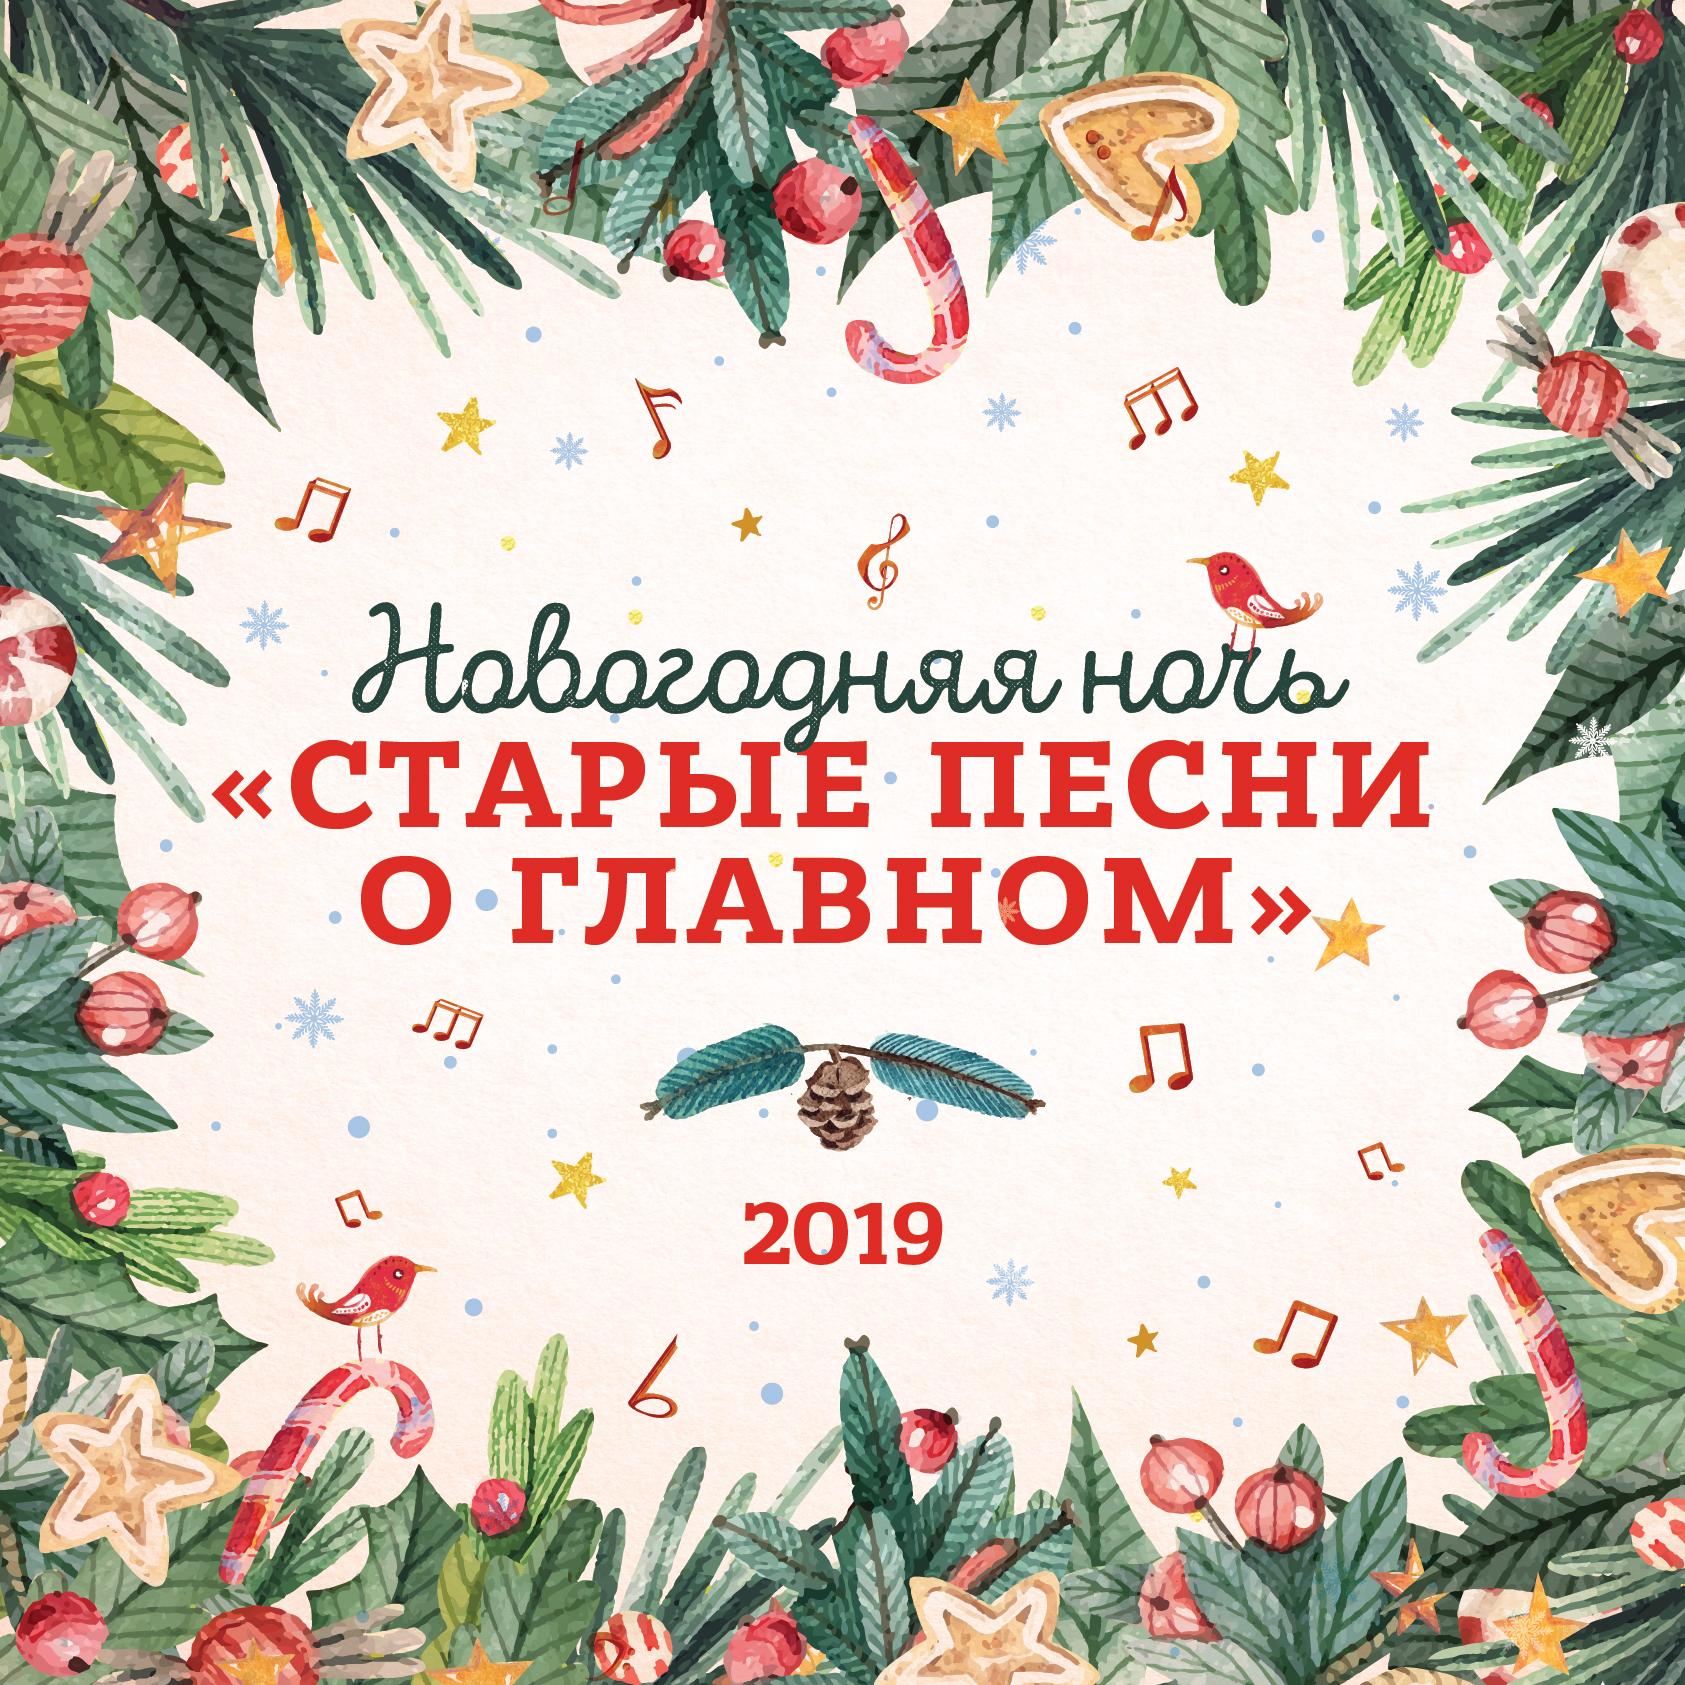 """Новогодняя ночь """"СТАРЫЕ ПЕСНИ О ГЛАВНОМ"""""""